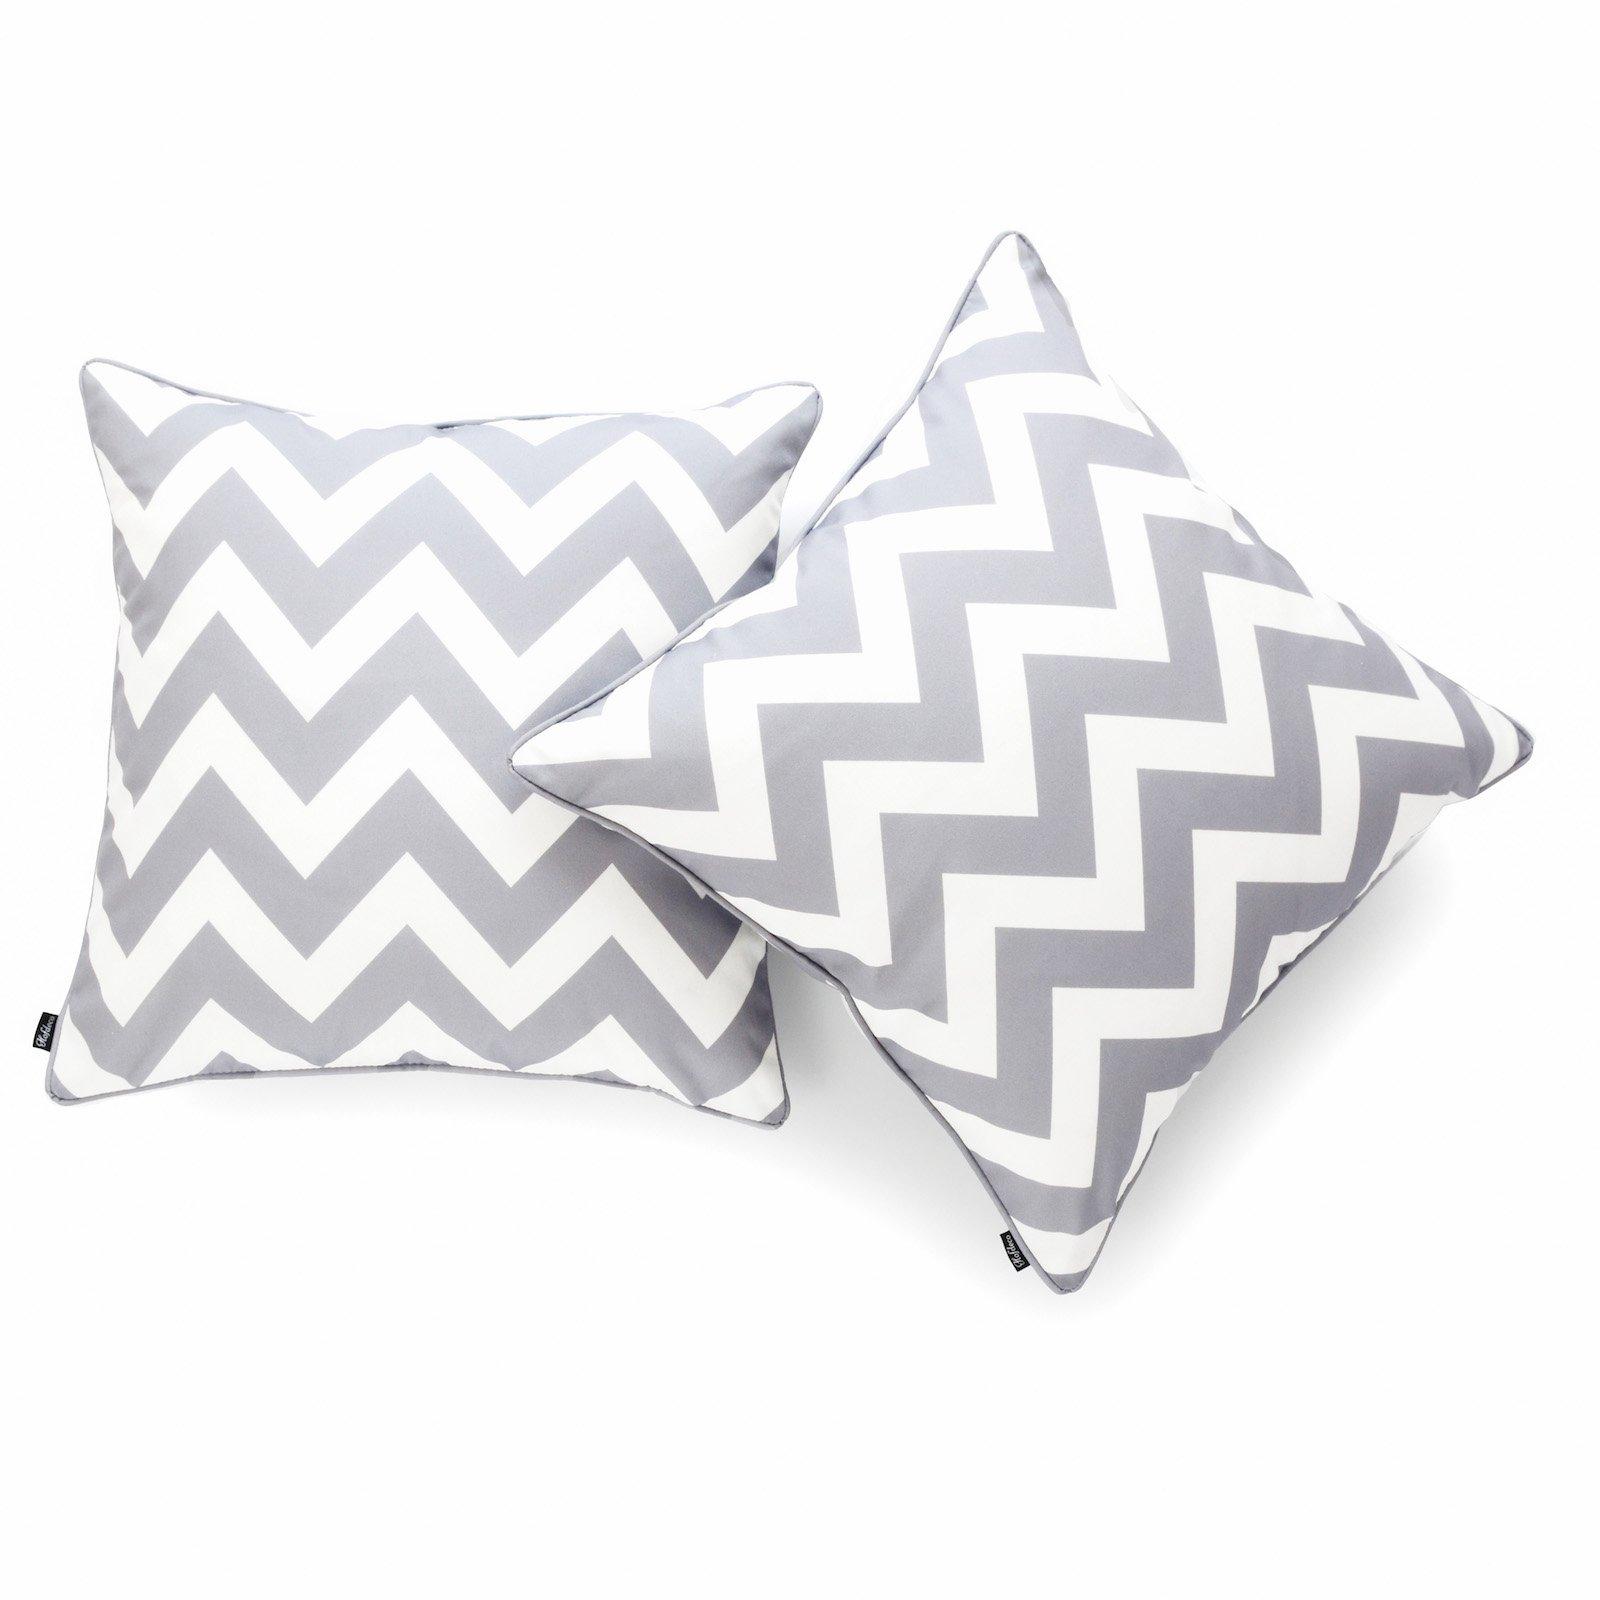 Hofdeco Decorative Throw Pillow Cover INDOOR OUTDOOR WATER RESISTANT Canvas Modern Grey Zigzag Chevron 18''x18'' Set of 2